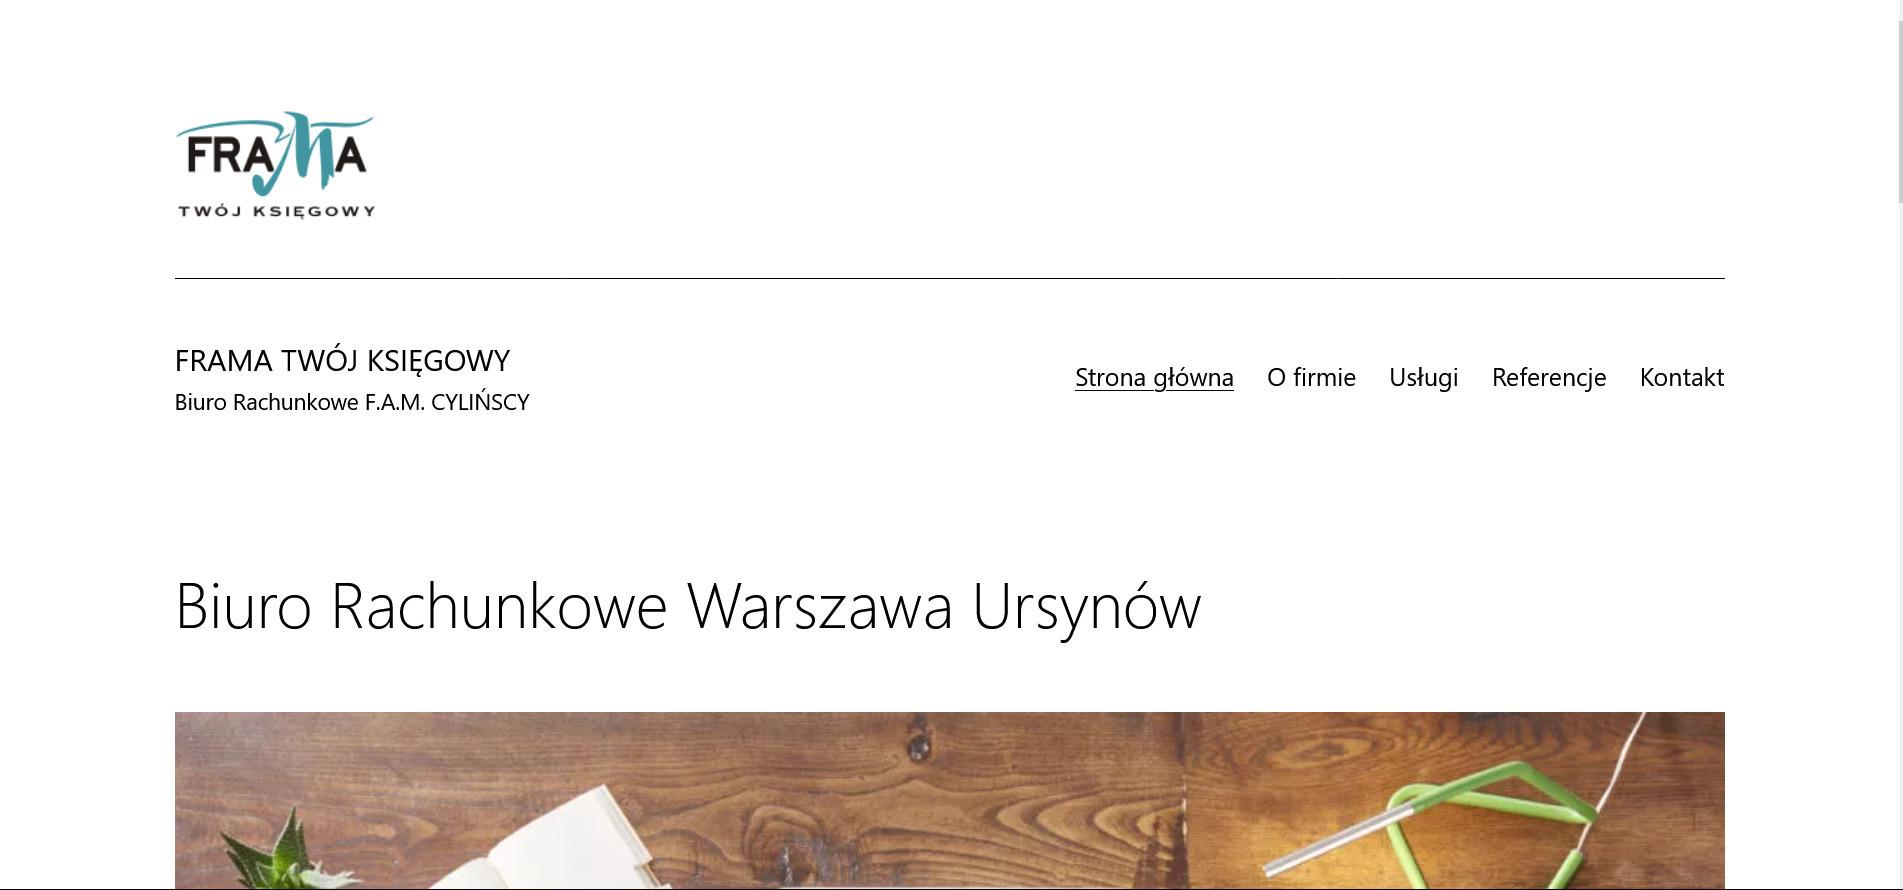 Biuro-Rachunkowe-Warszawa-Ursynów-Frama-Twój-Księgowy-Top